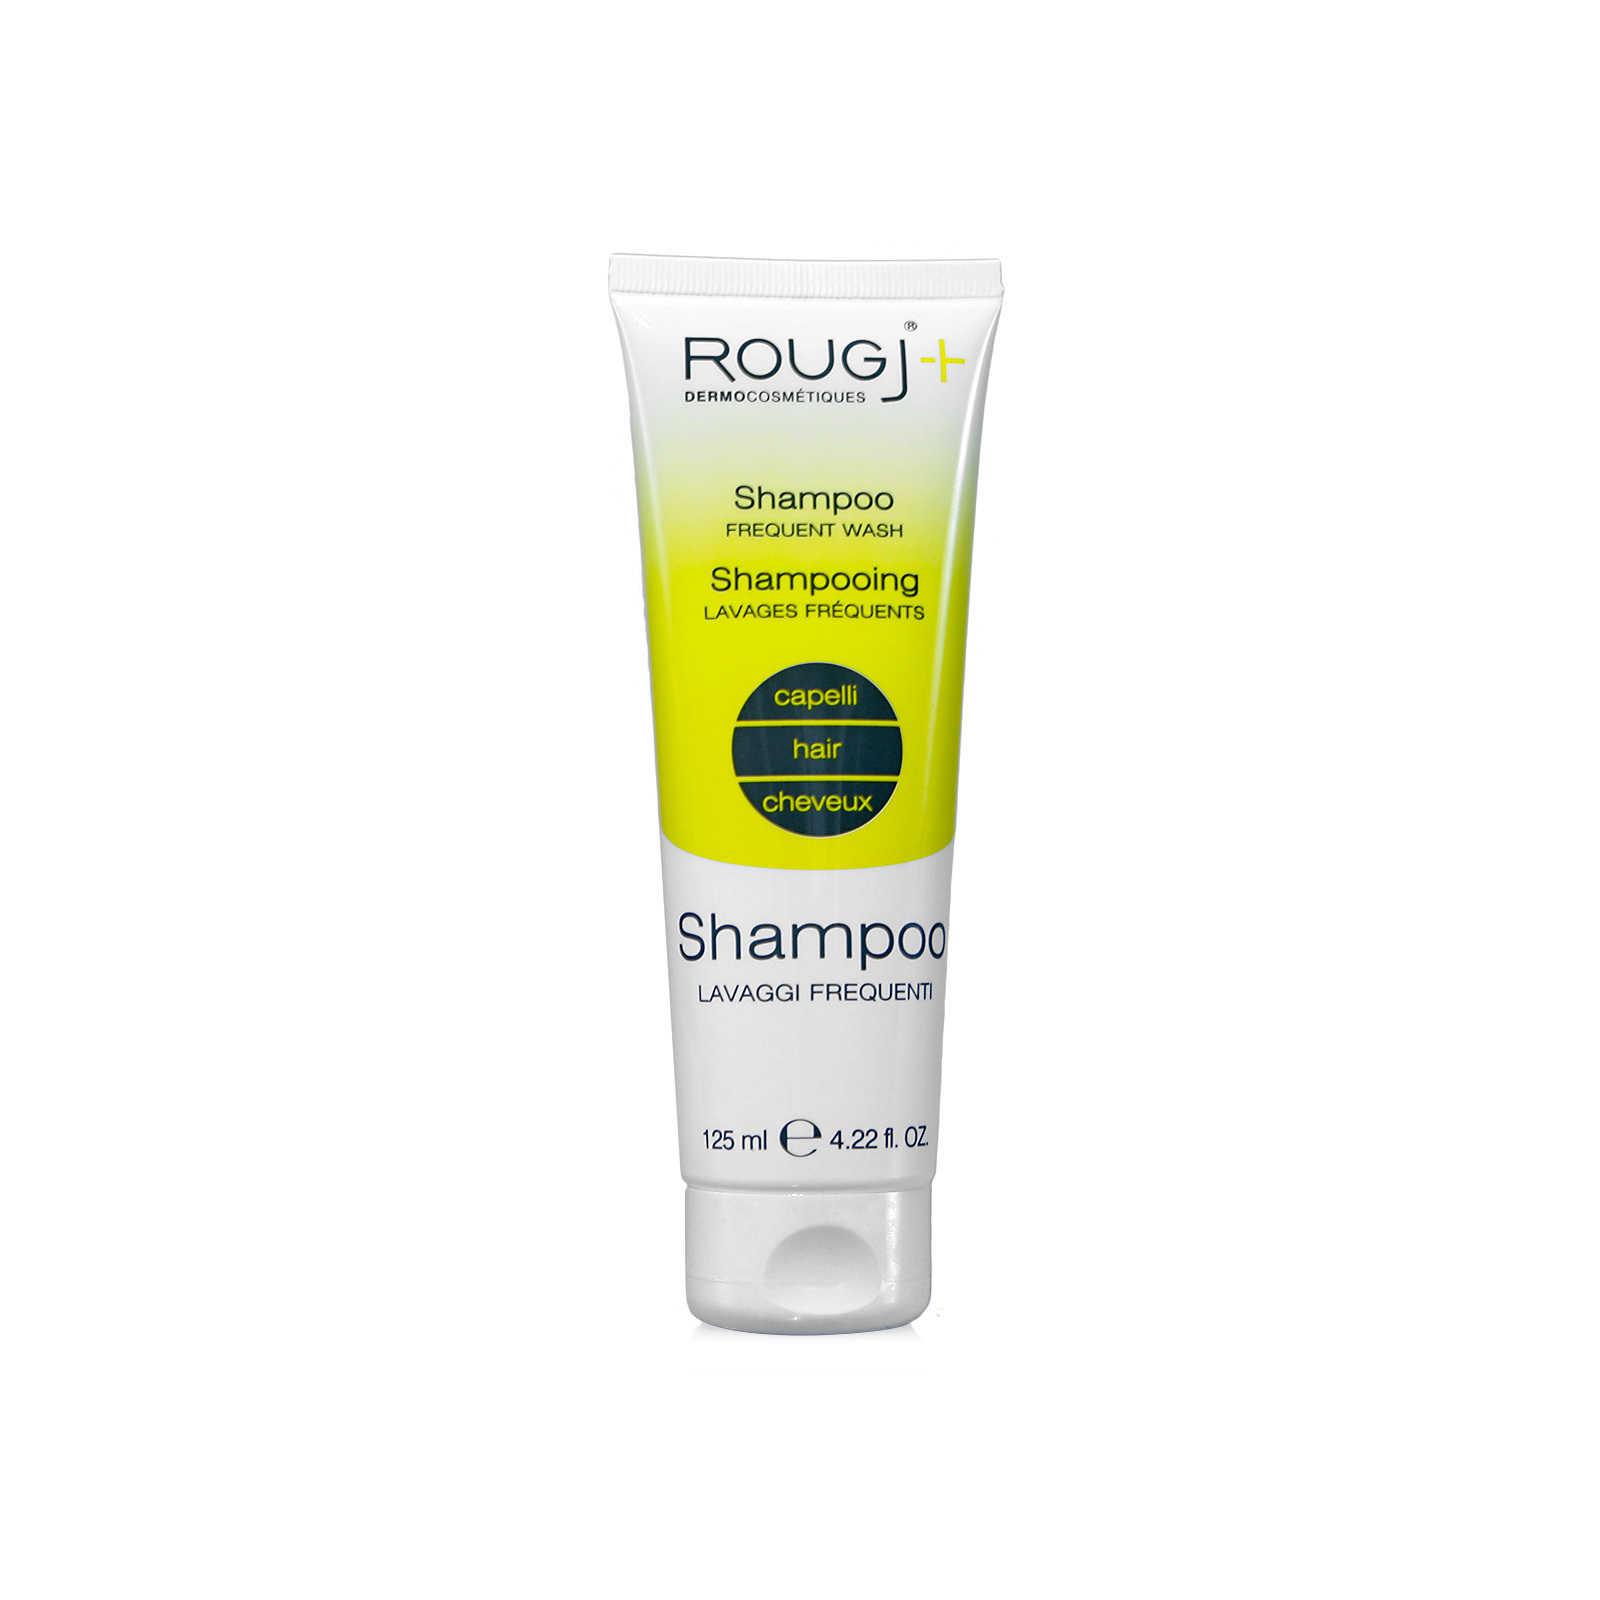 Rougj - Shampoo ricco di Sericina per lavaggi frequenti